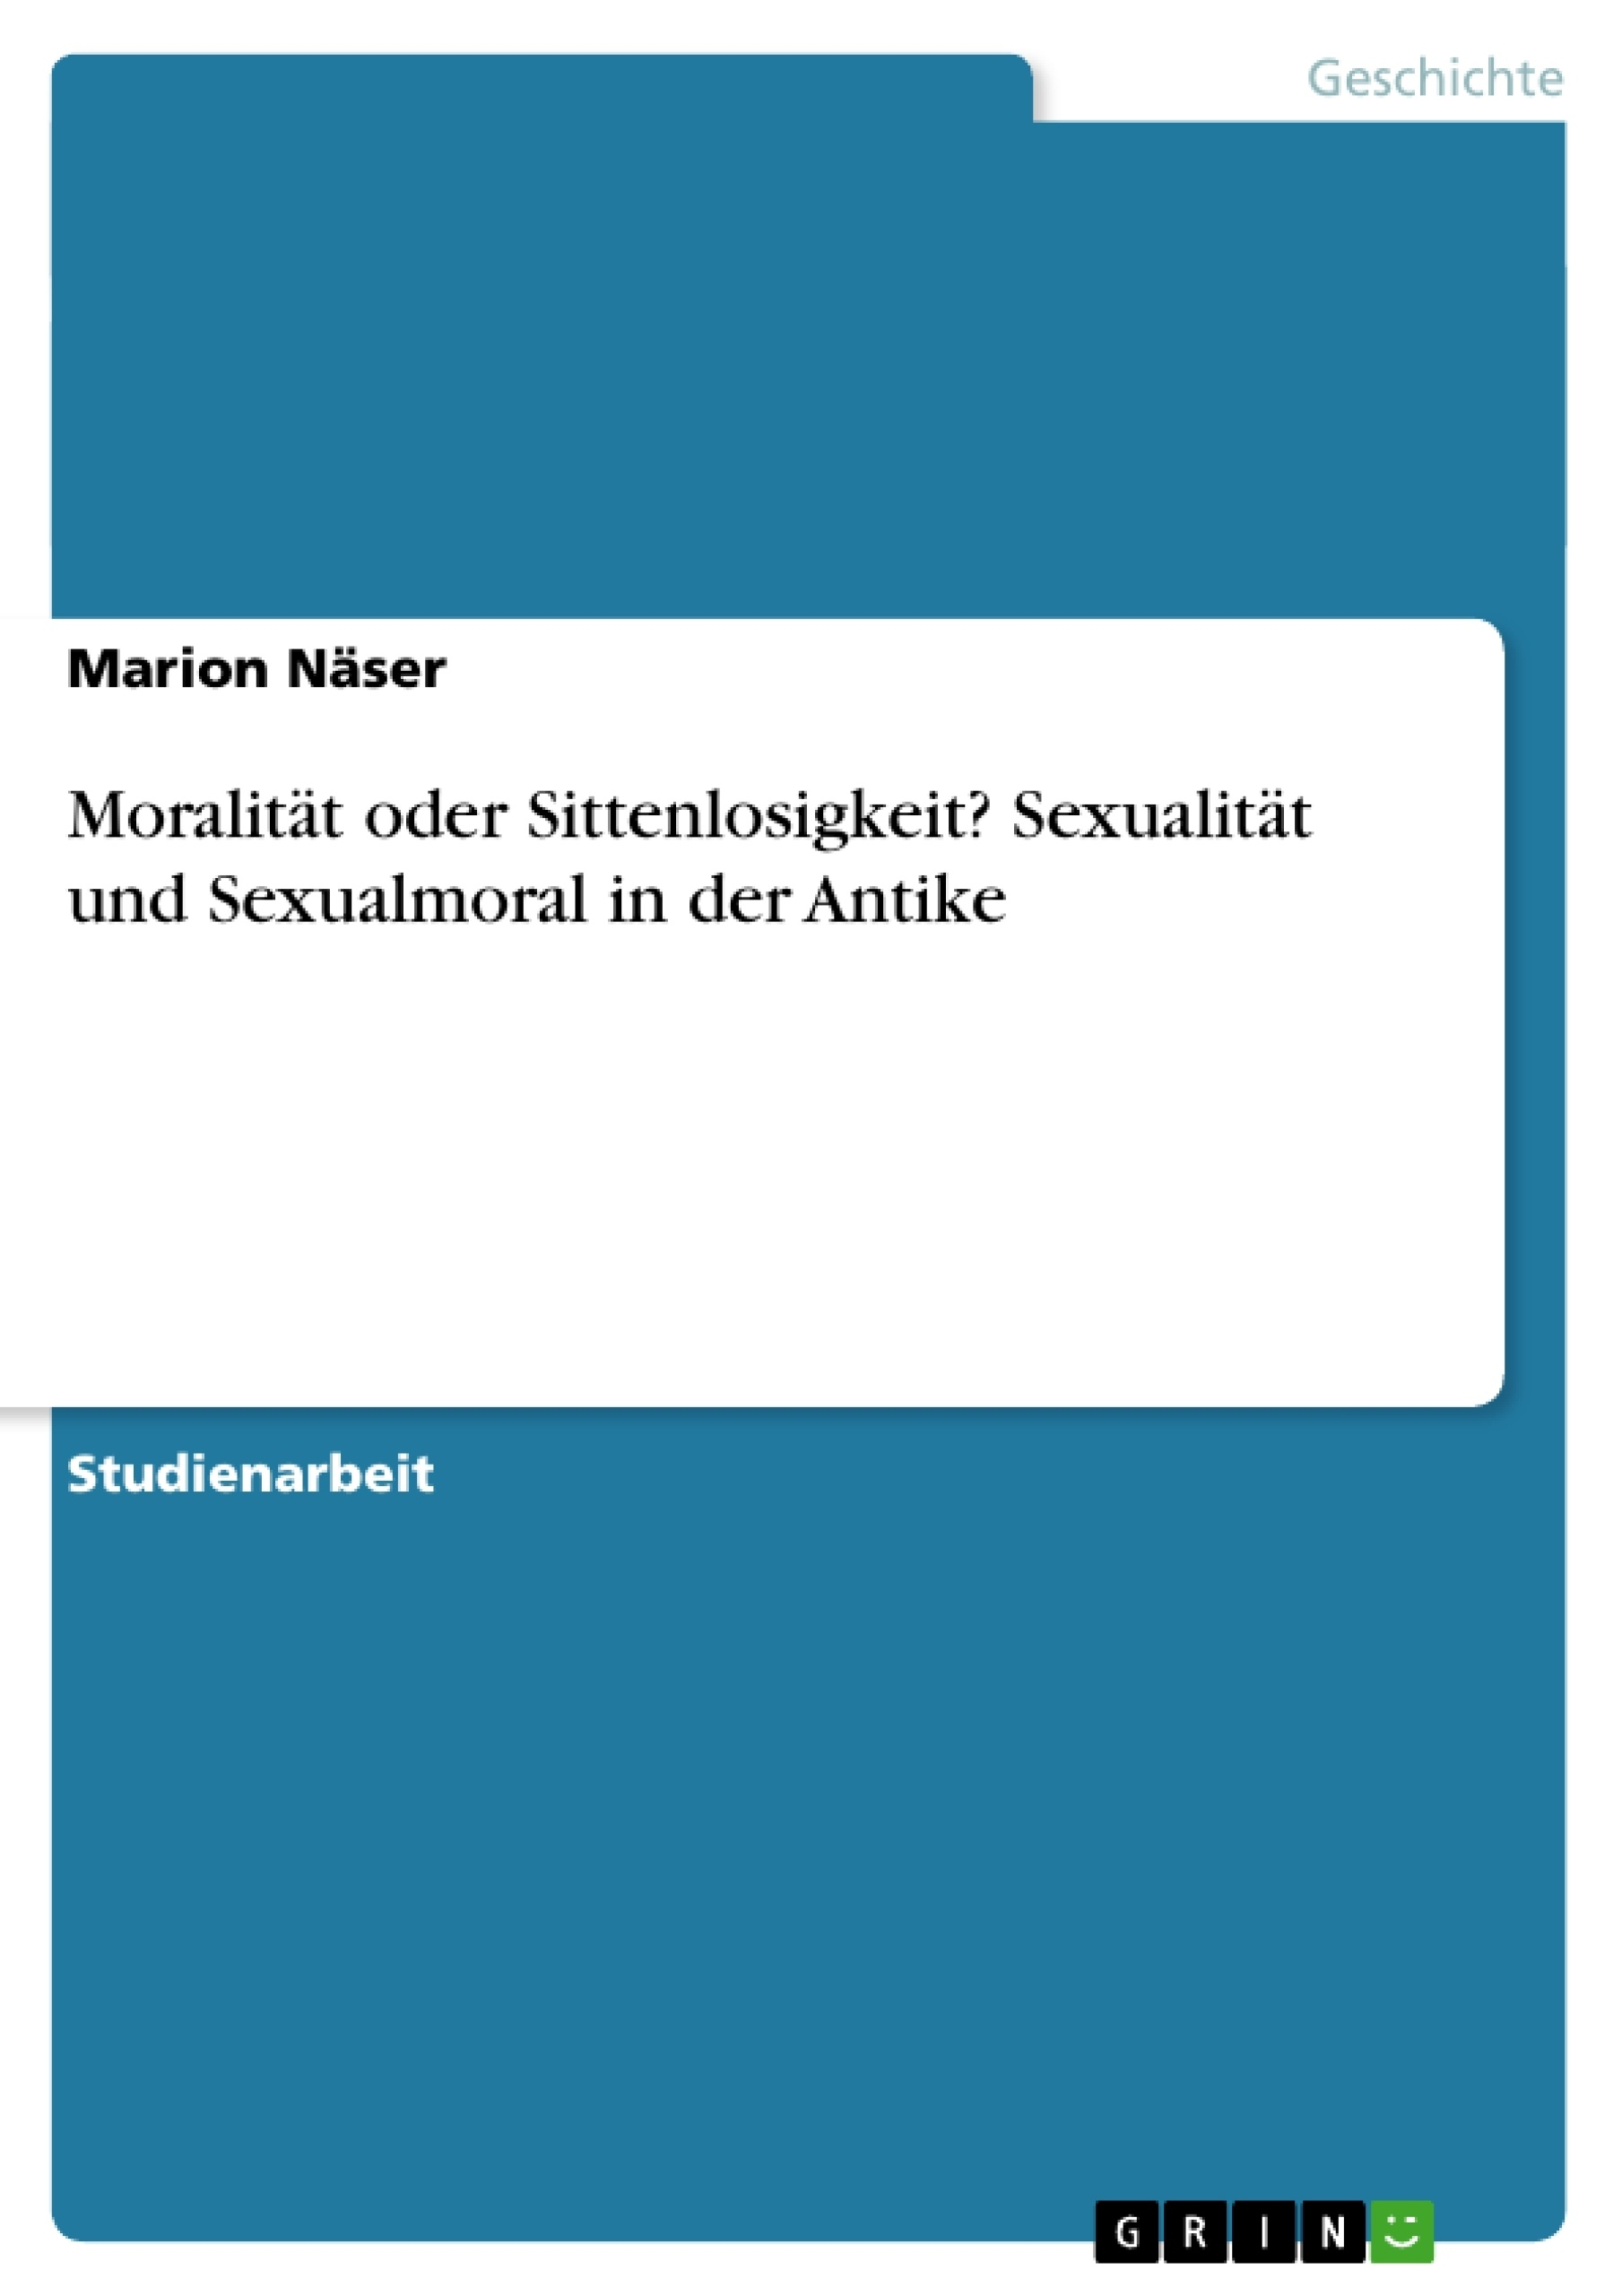 Titel: Moralität oder Sittenlosigkeit? Sexualität und Sexualmoral in der Antike